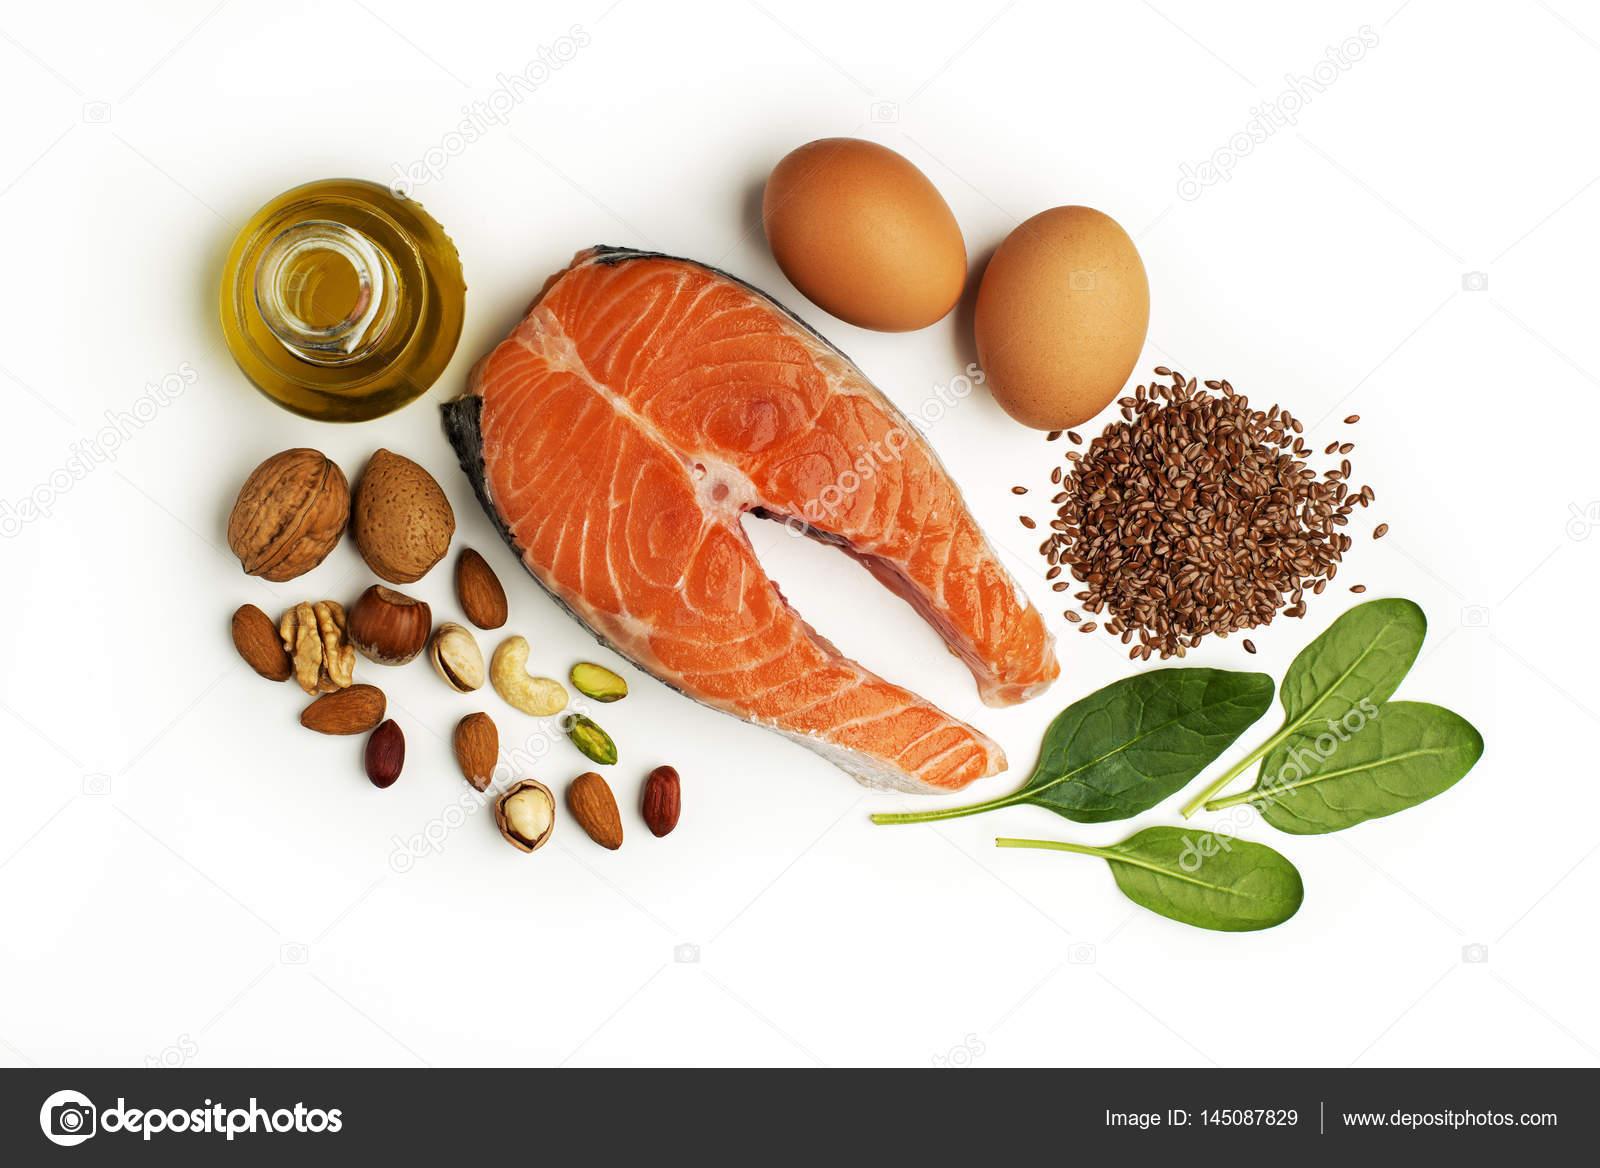 omega 3 food neuroendocrine cancer weight gain